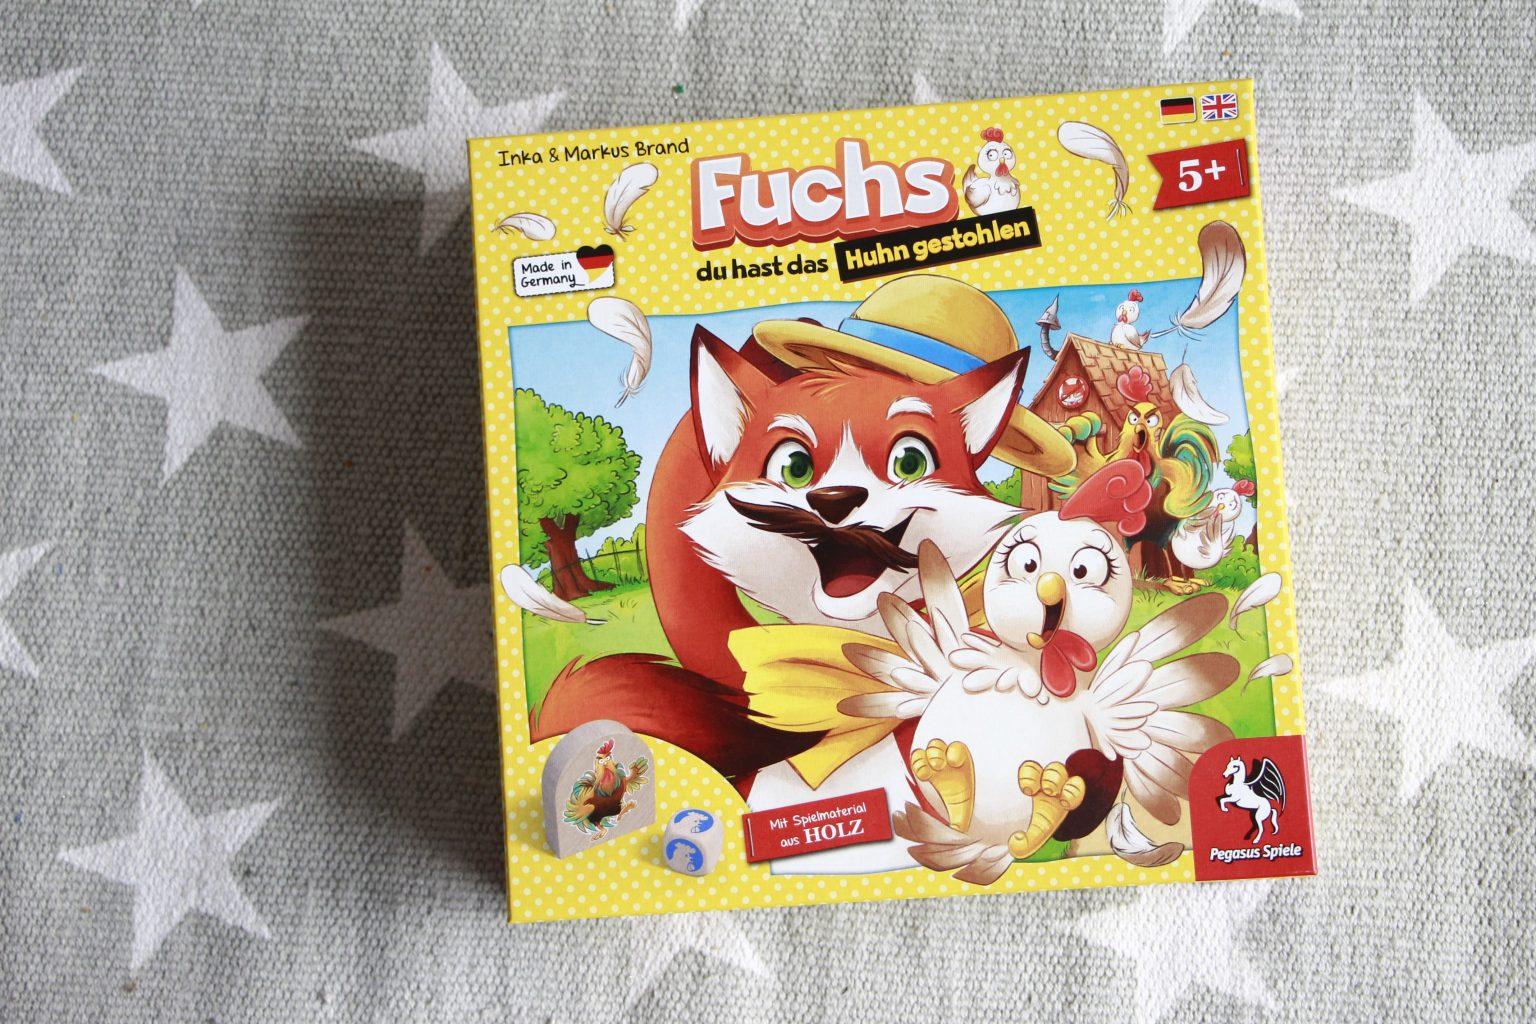 Fuchs du hast das Huhn gestohlen Pegasus Spiele Test